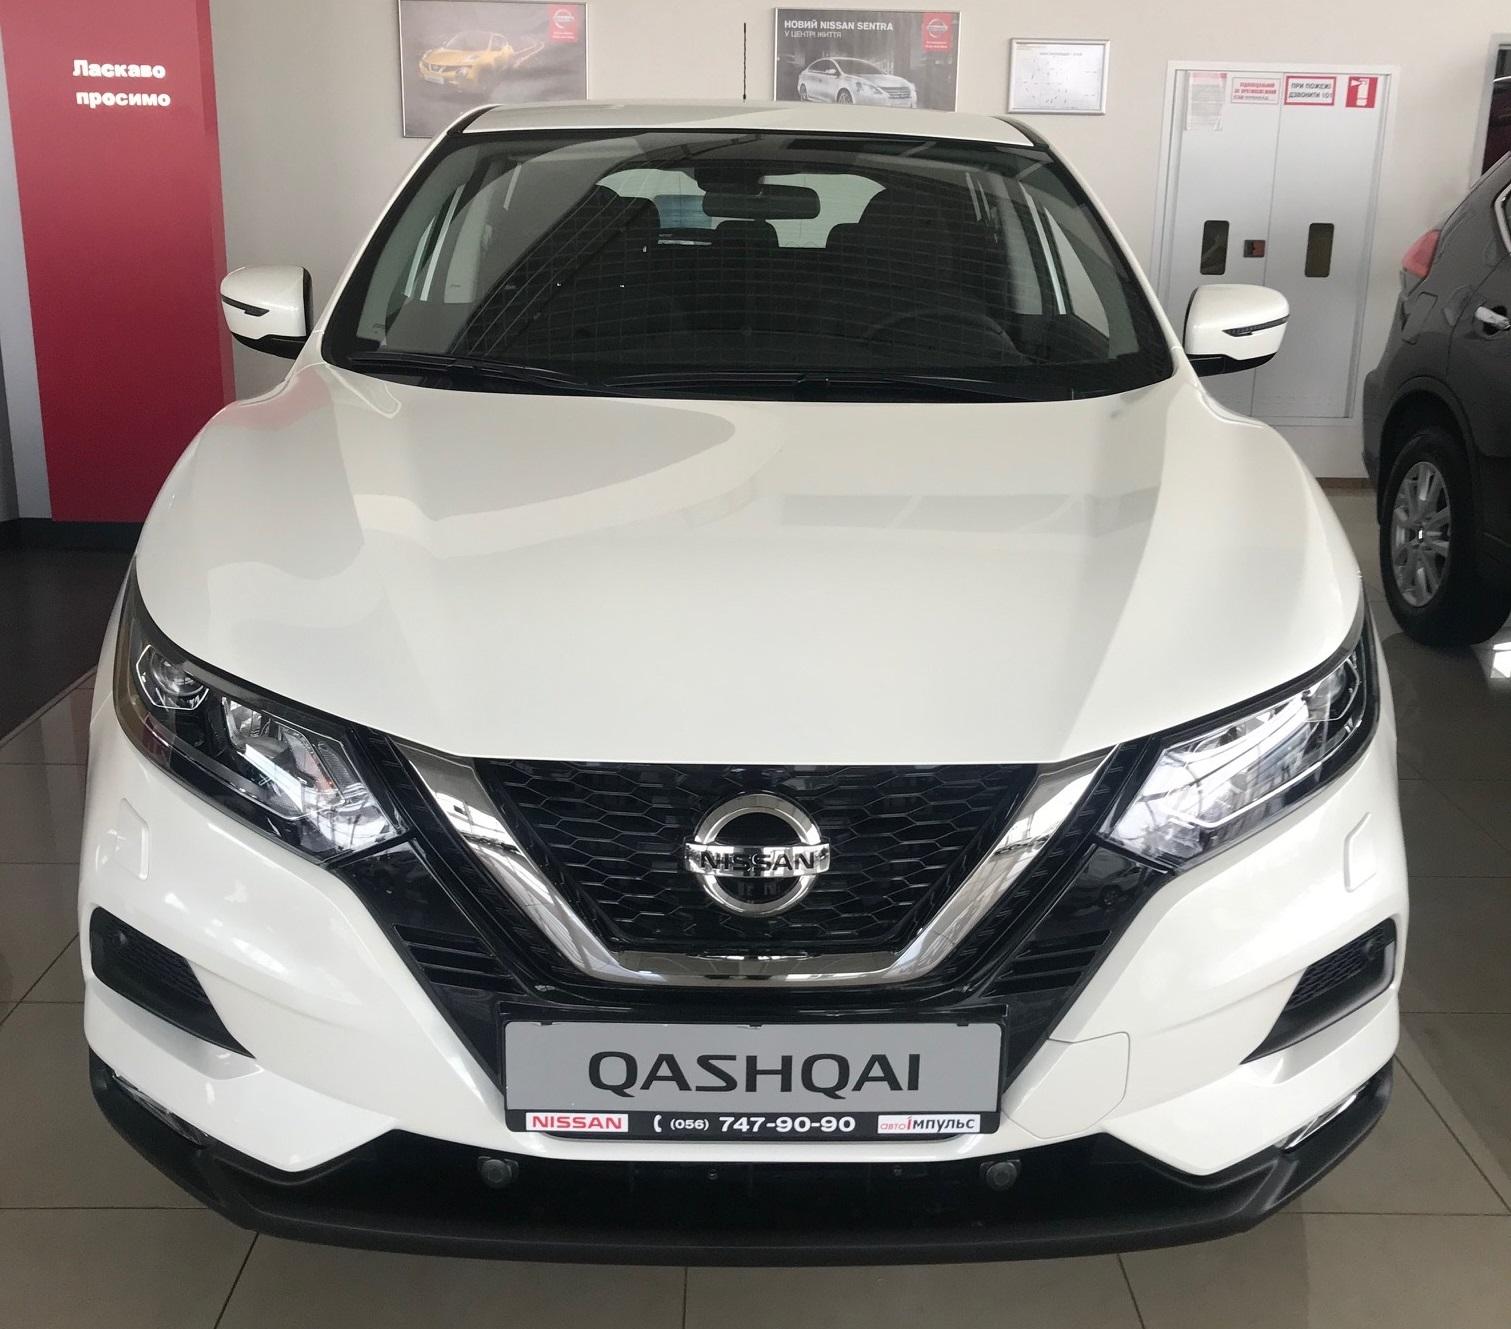 new_avto-1293870602.jpg